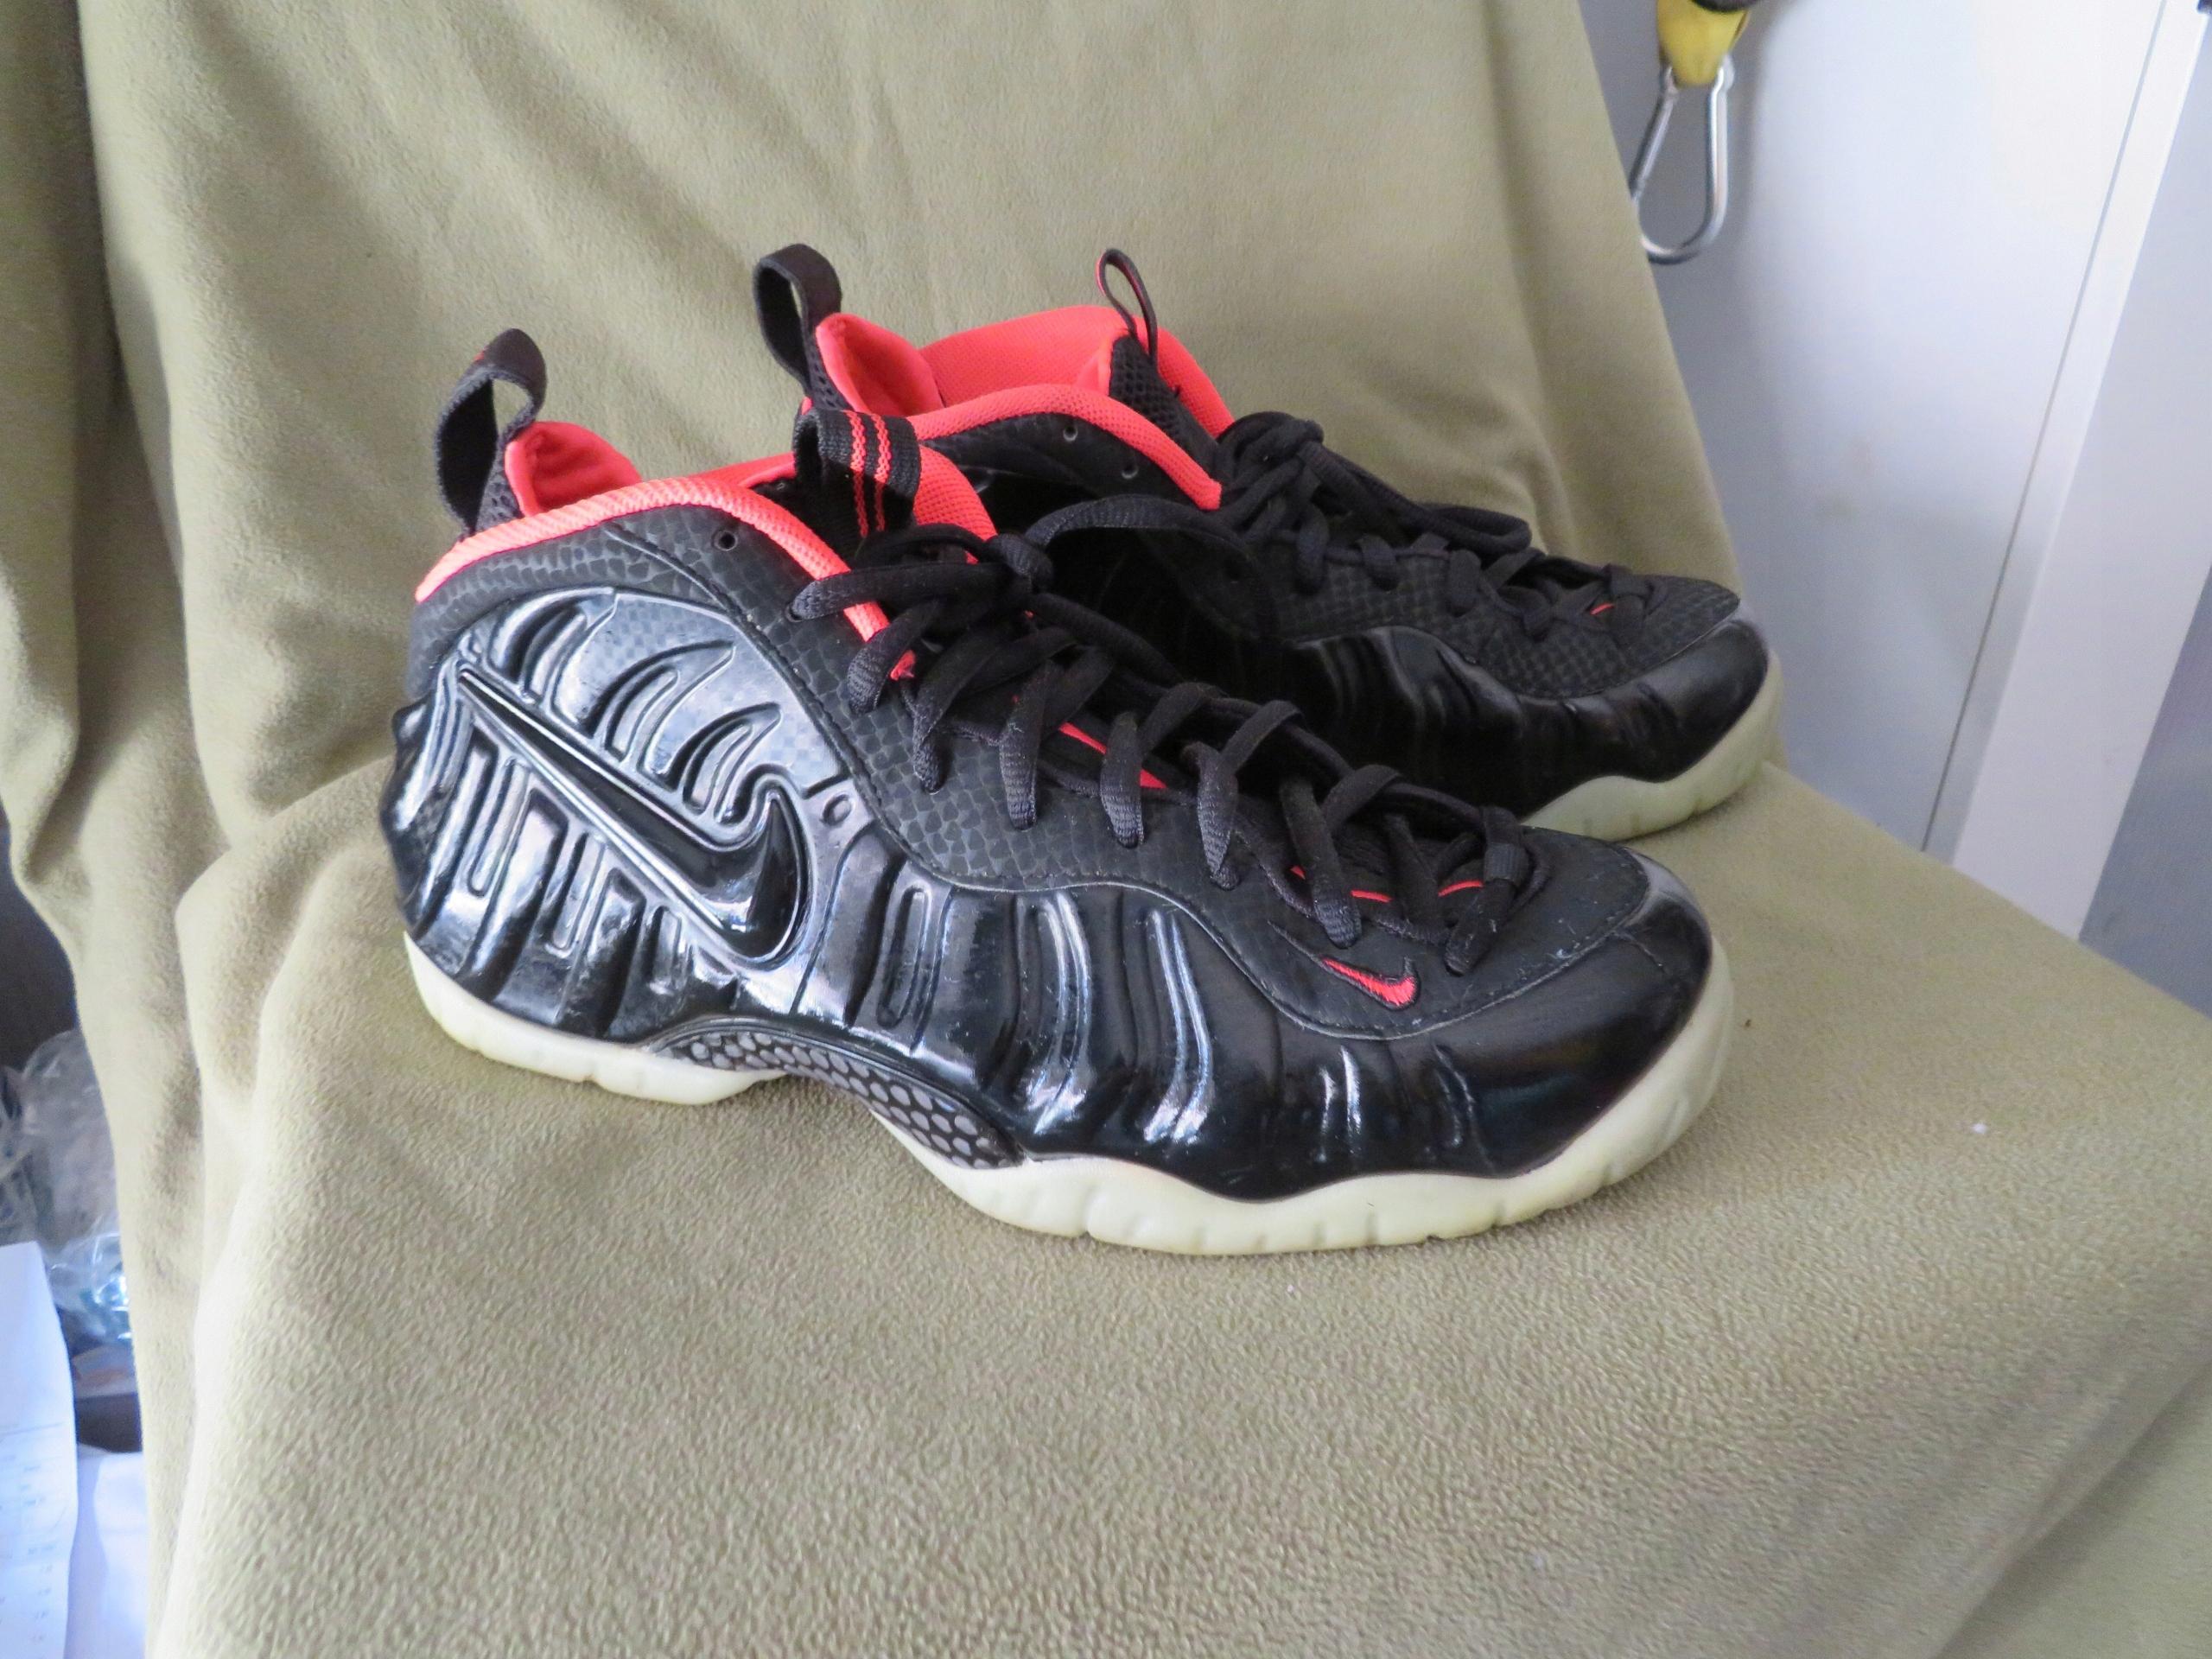 e74ce9aa0b6 Nike Air Foamposite Pro PRM YEEZY 616750-001 - 7541531107 ...